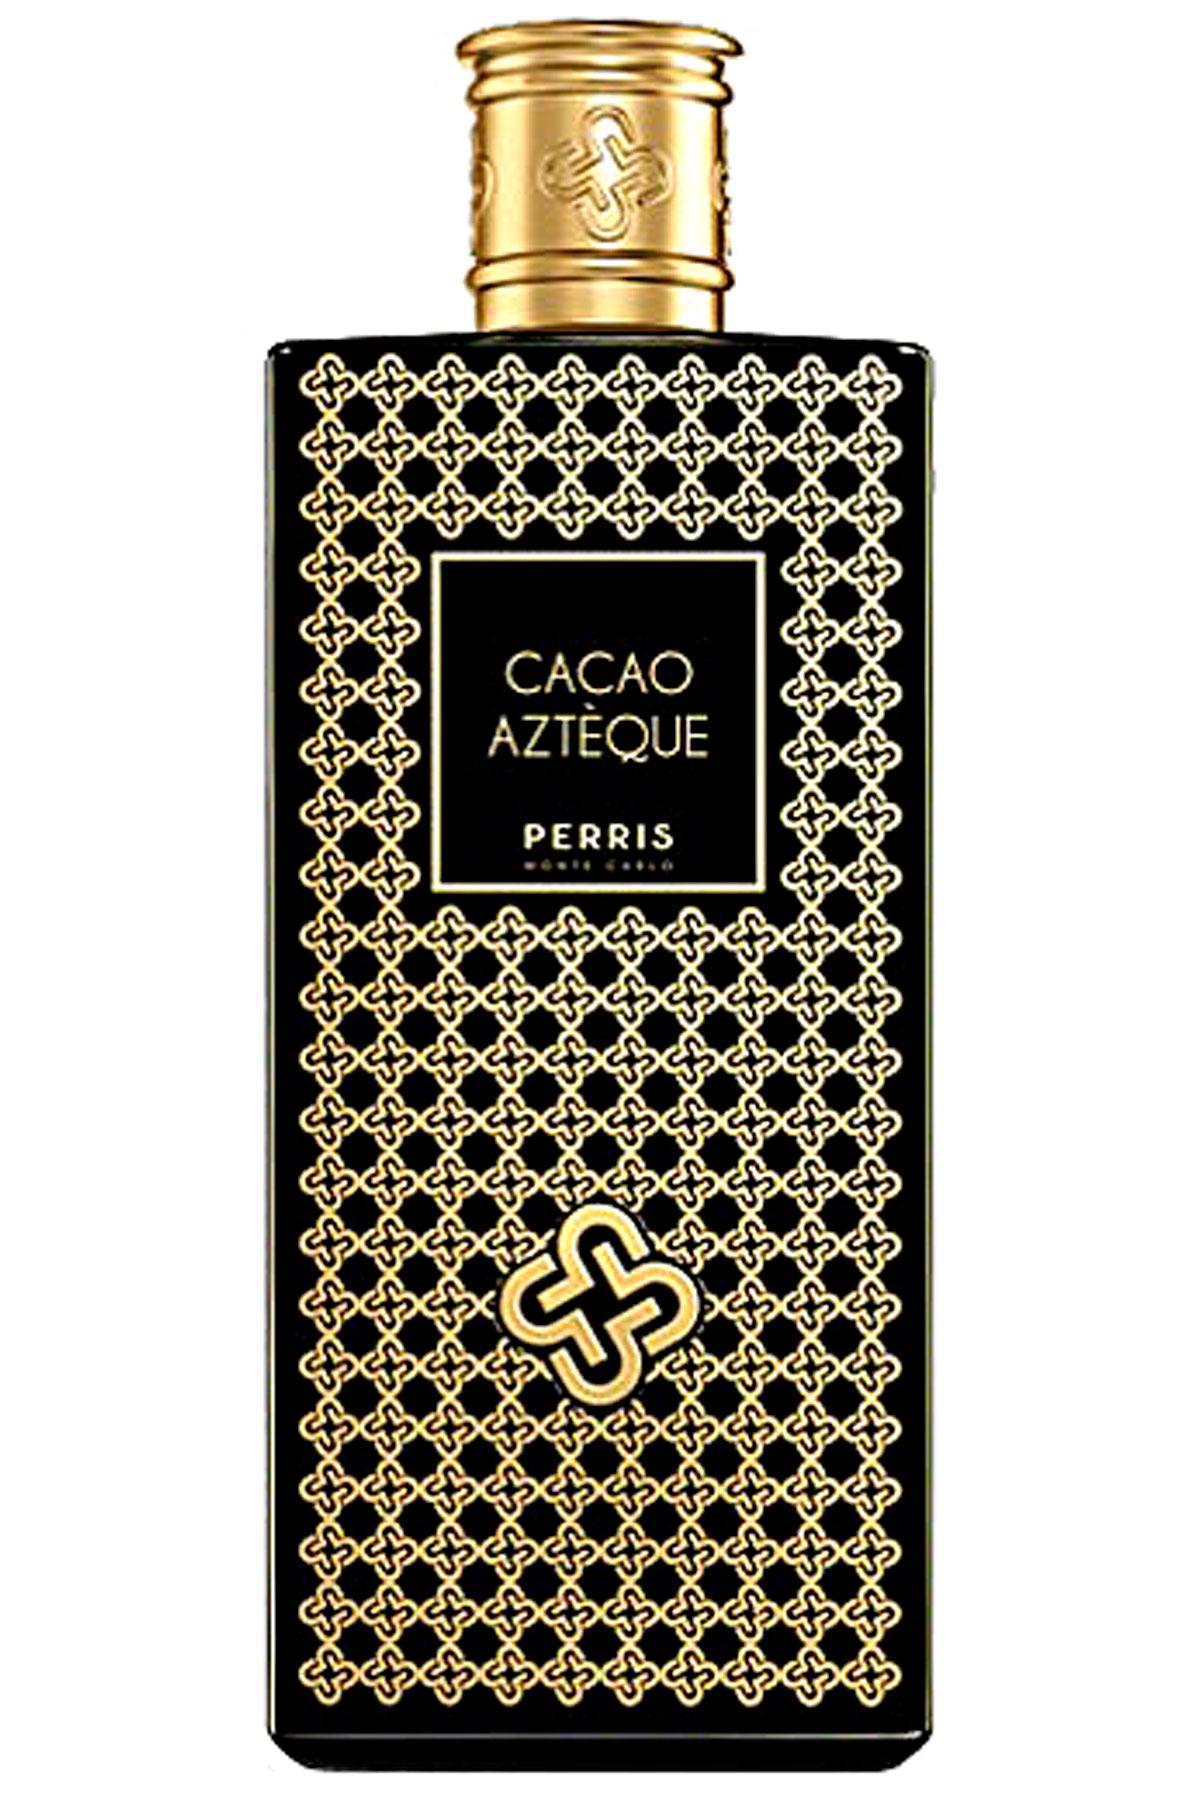 Perris Monte Carlo Fragrances for Men, Cacao Azteque - Eau De Parfum - 100 Ml, 2019, 100 ml